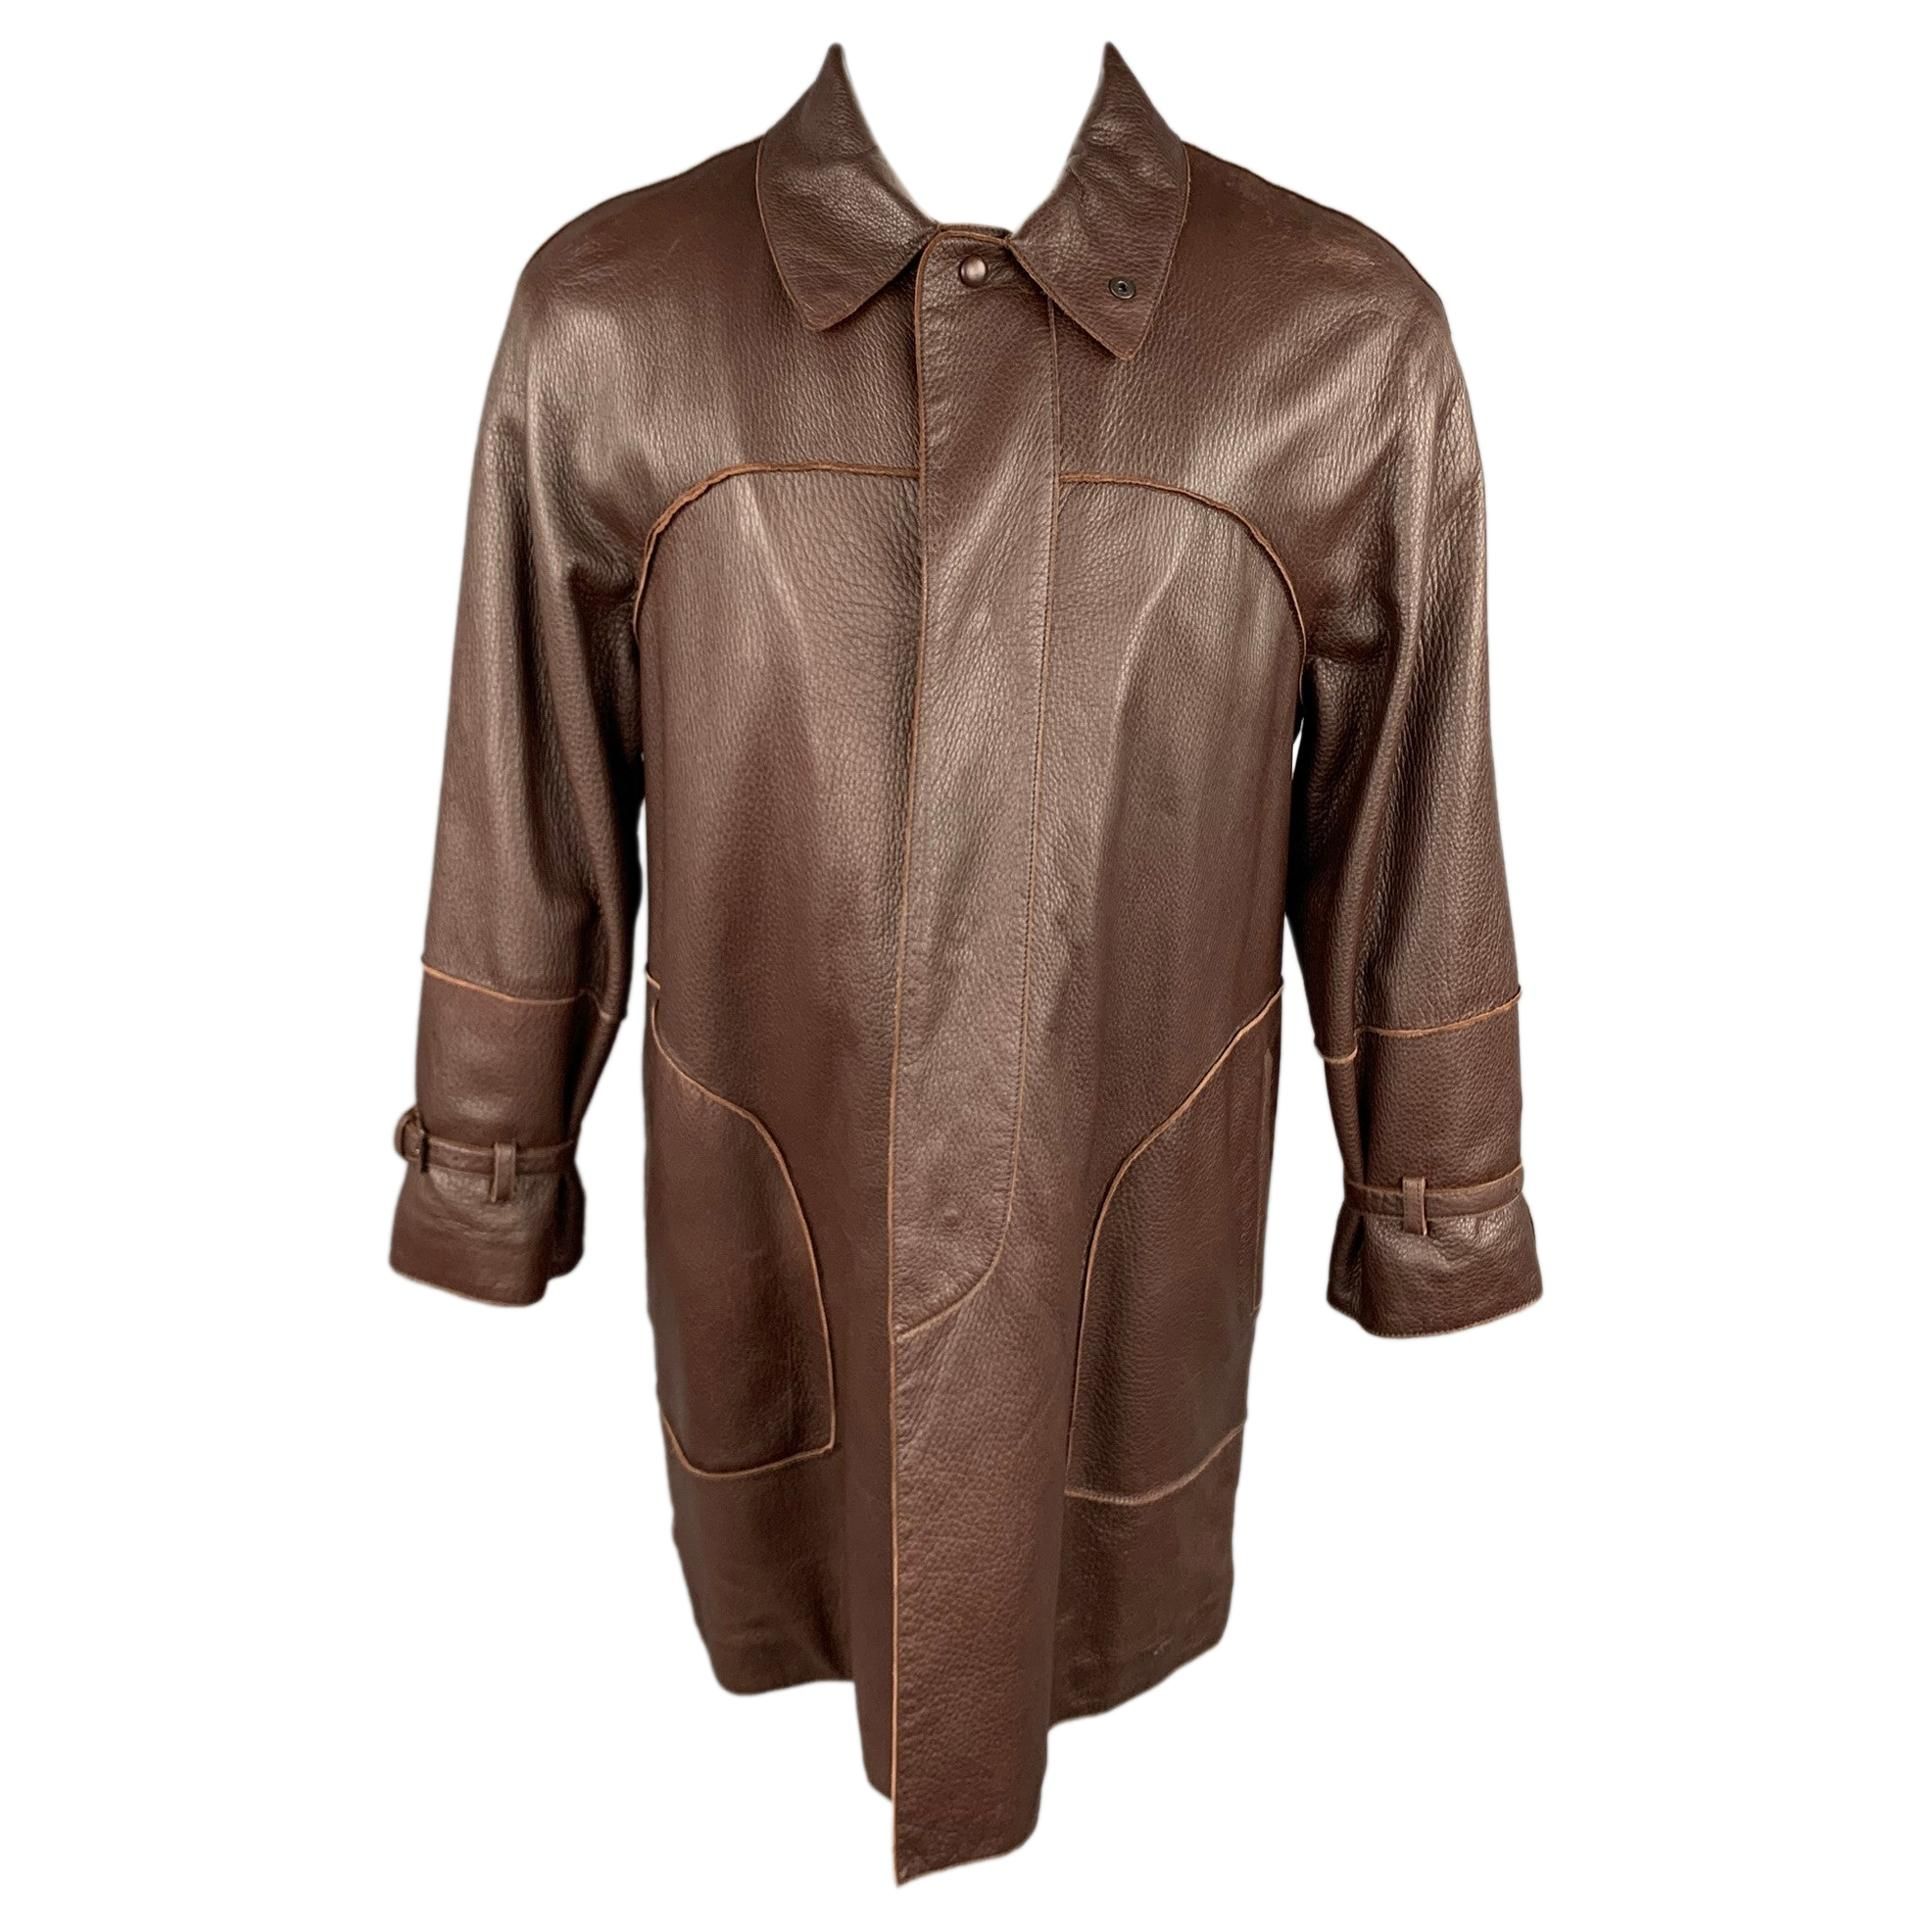 BOTTEGA VENETA Size 38 Brown Leather Hidden Snaps Coat